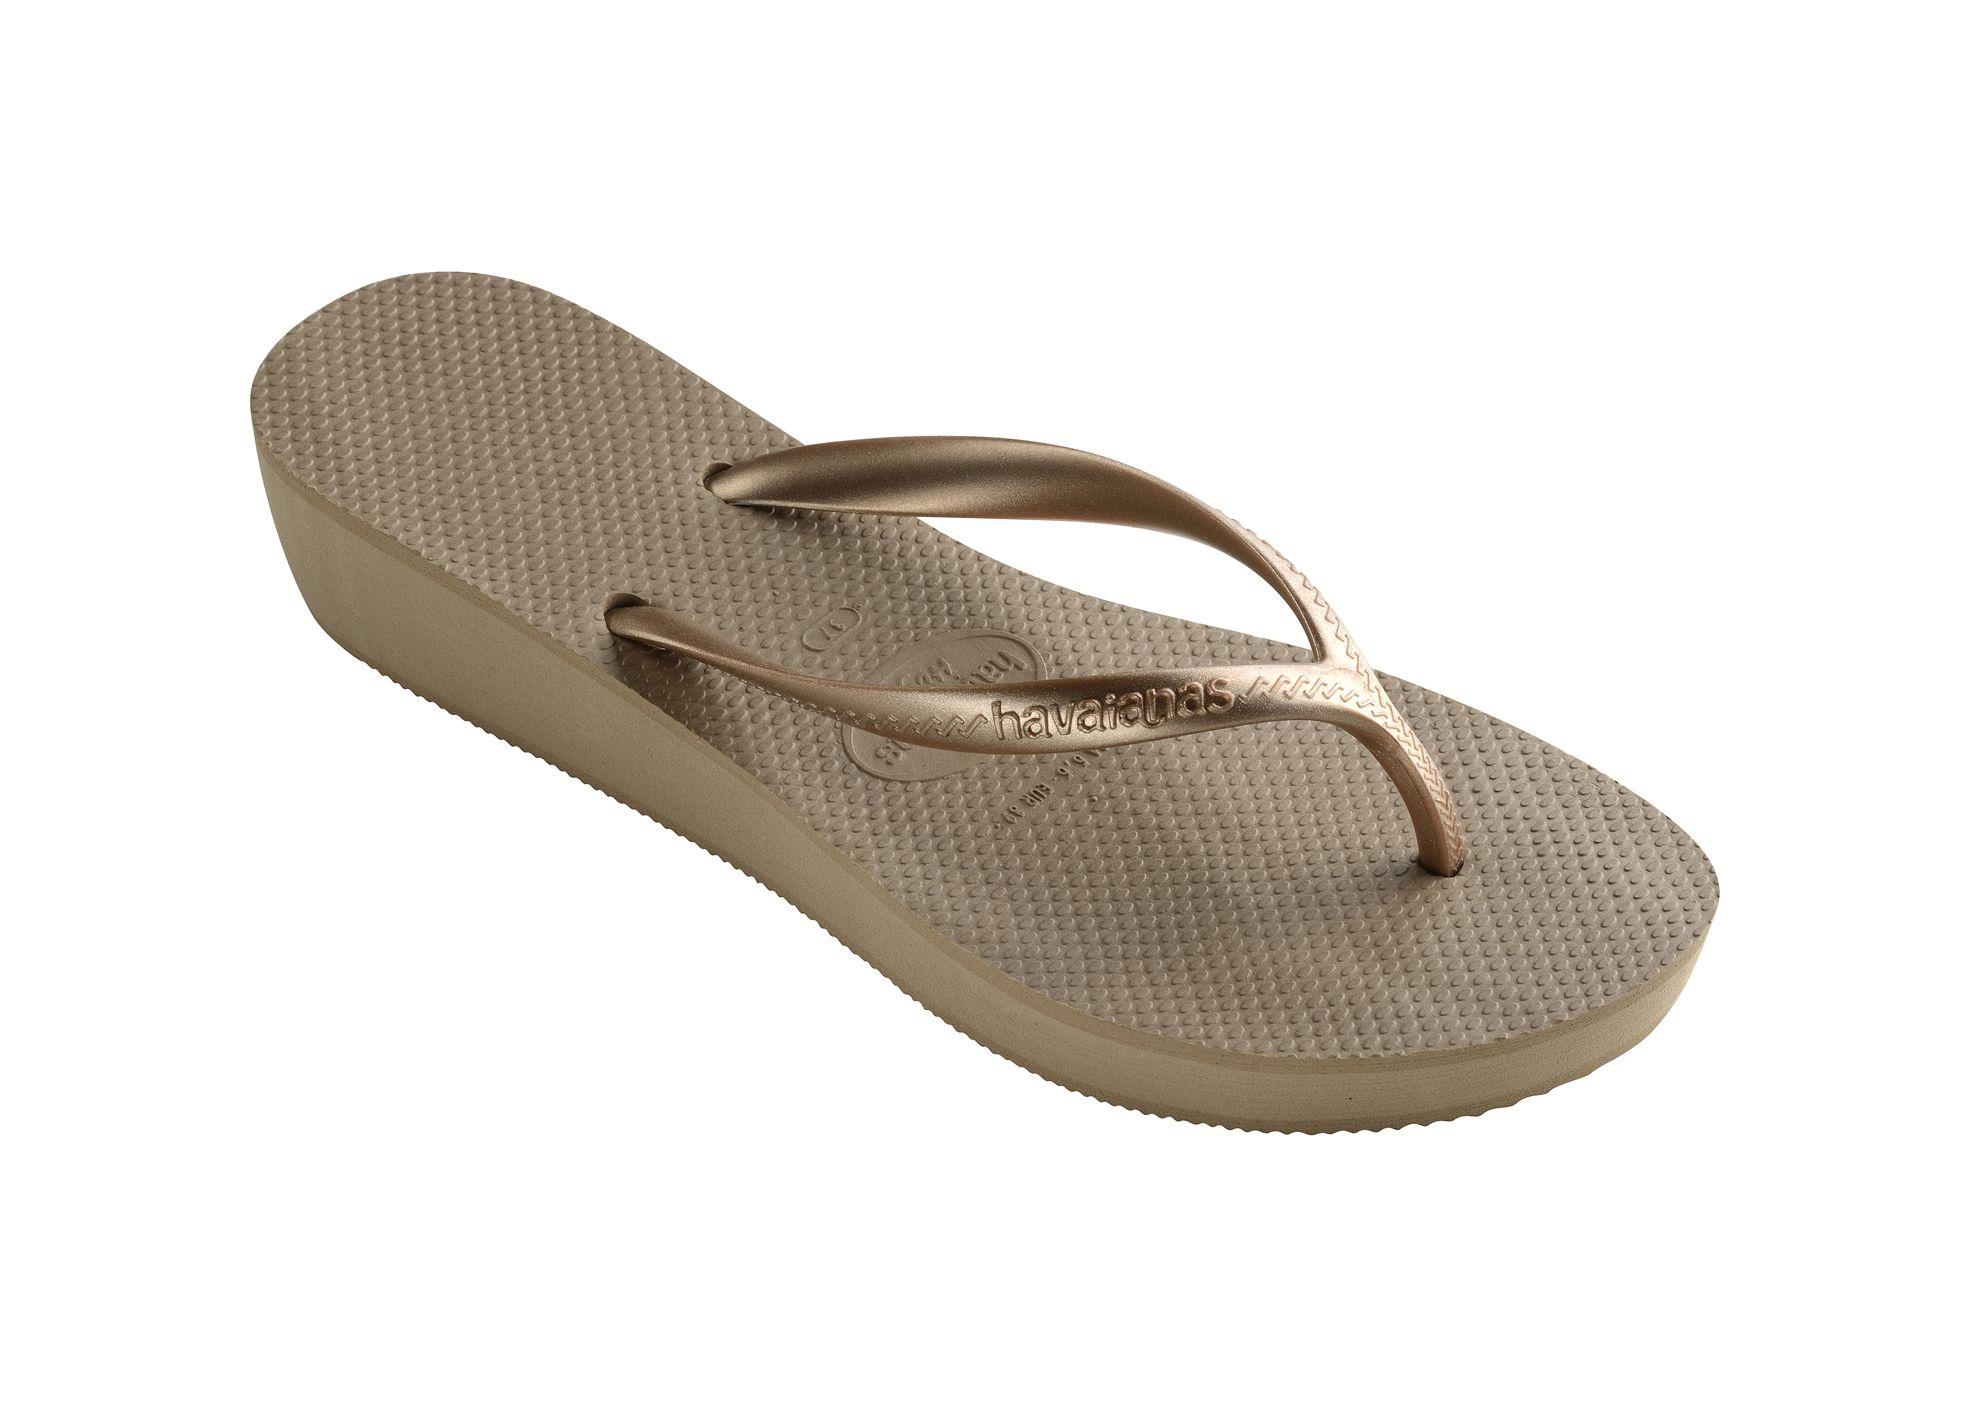 Le infradito per l'estate 2018 sono chunky come un paio di sneakers, hanno la suola alta e sono in gomma, metti da parte le infradito gioiello per indossare in vacanza solo sandali infradito waterproof.